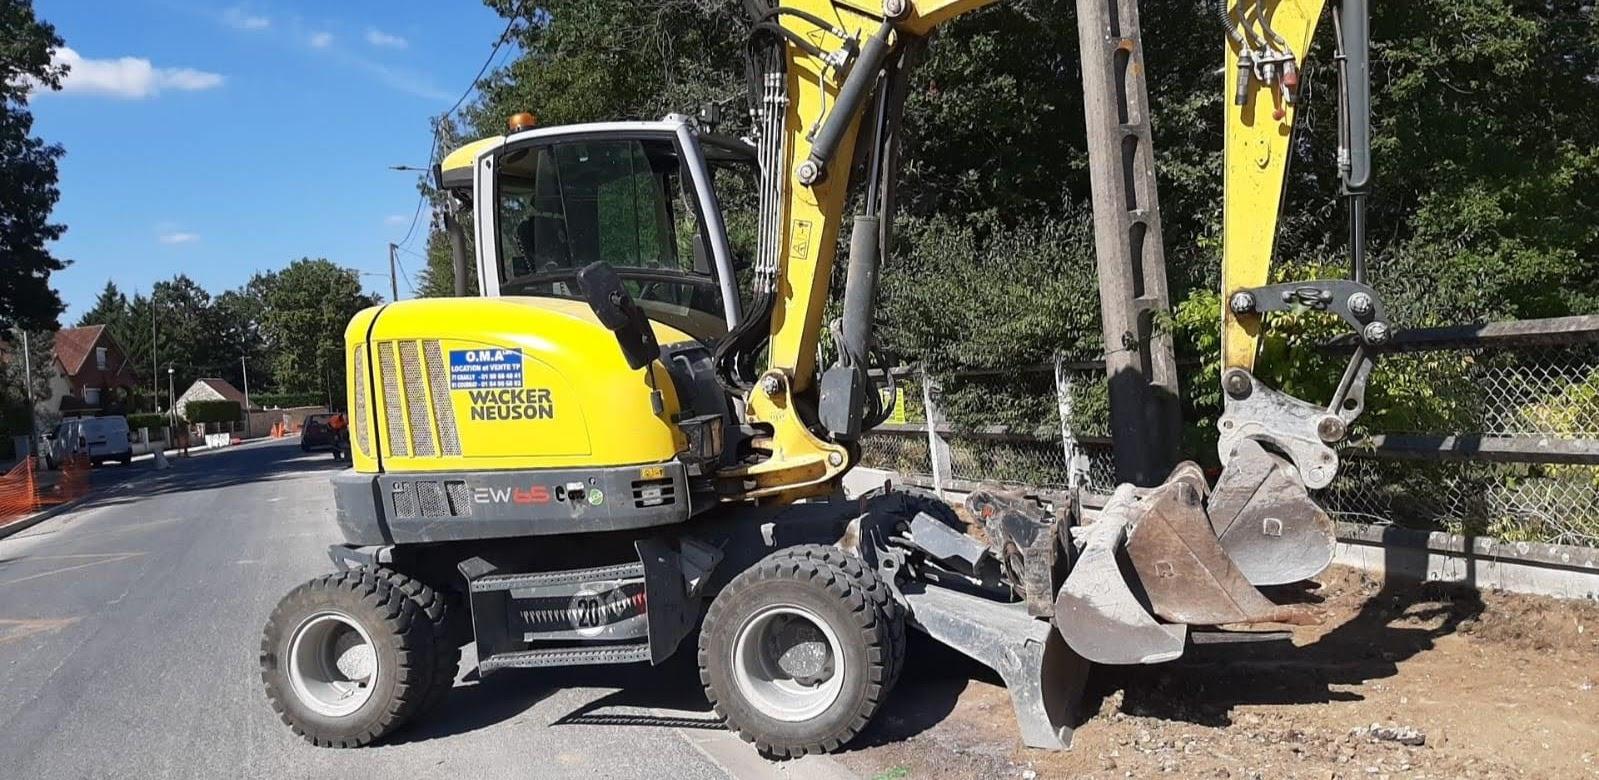 Pelle 6 tonnes à pneus - Wacker